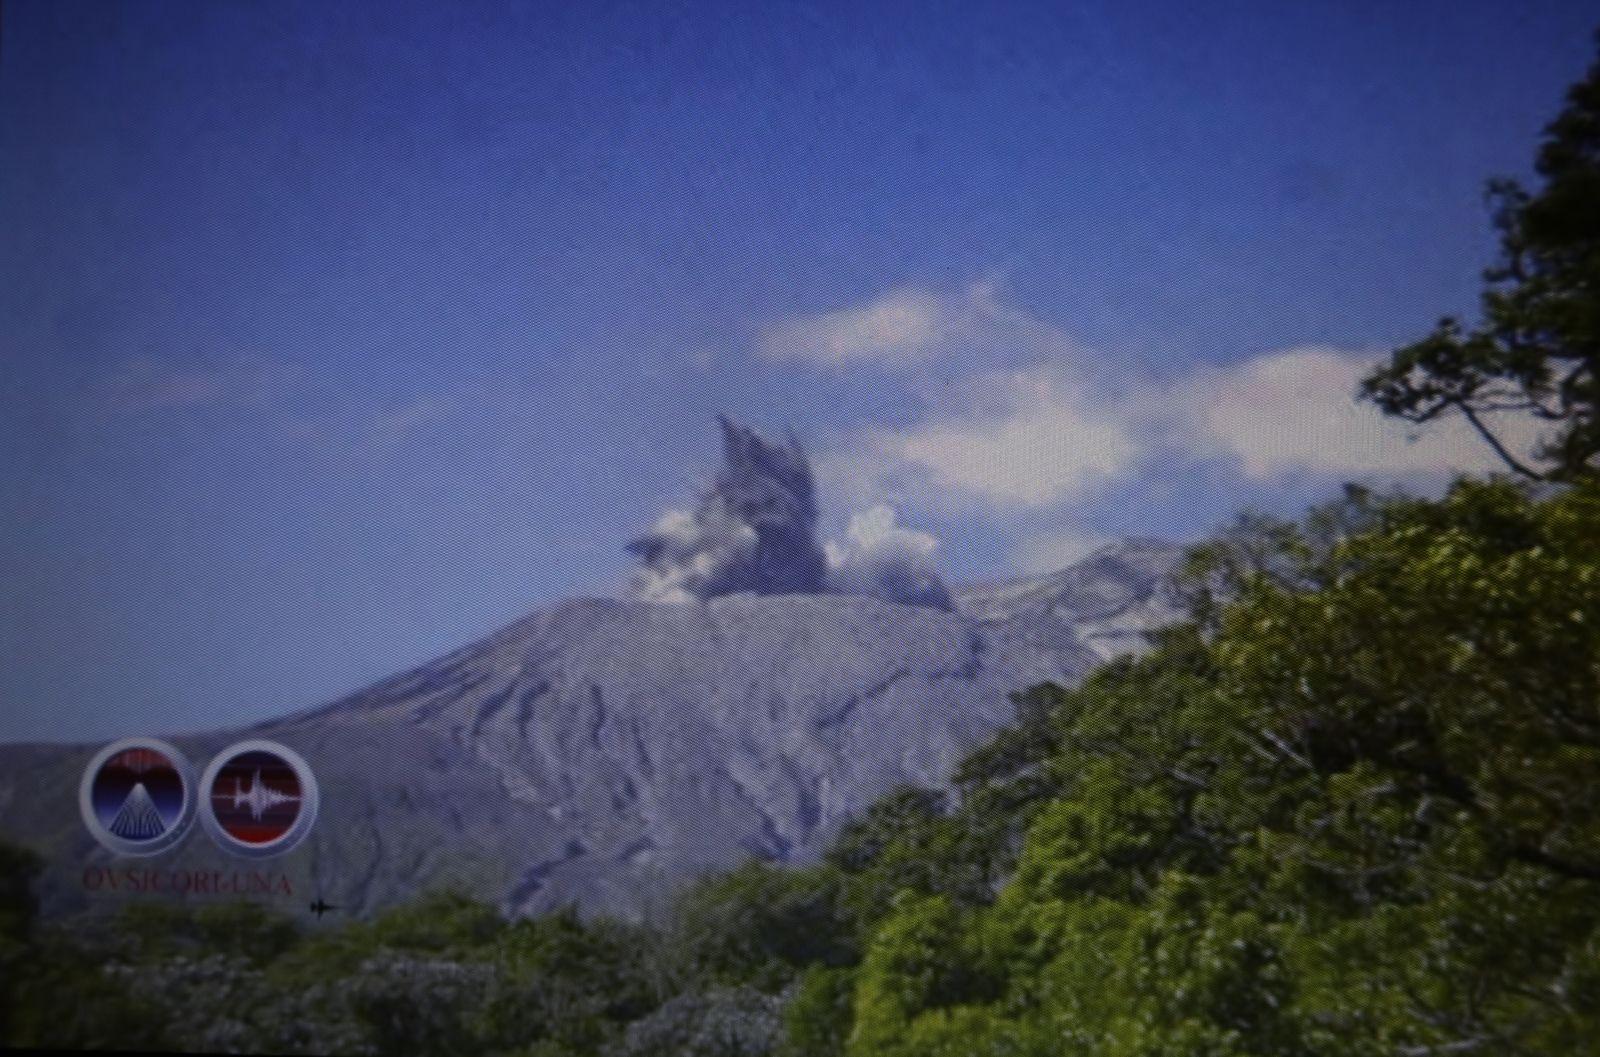 Rincon de La Vieja - 04.04.2020 / 8h24 - explosion hydrothermale - capture d'écran de la vidéo de l'Ovsicori.